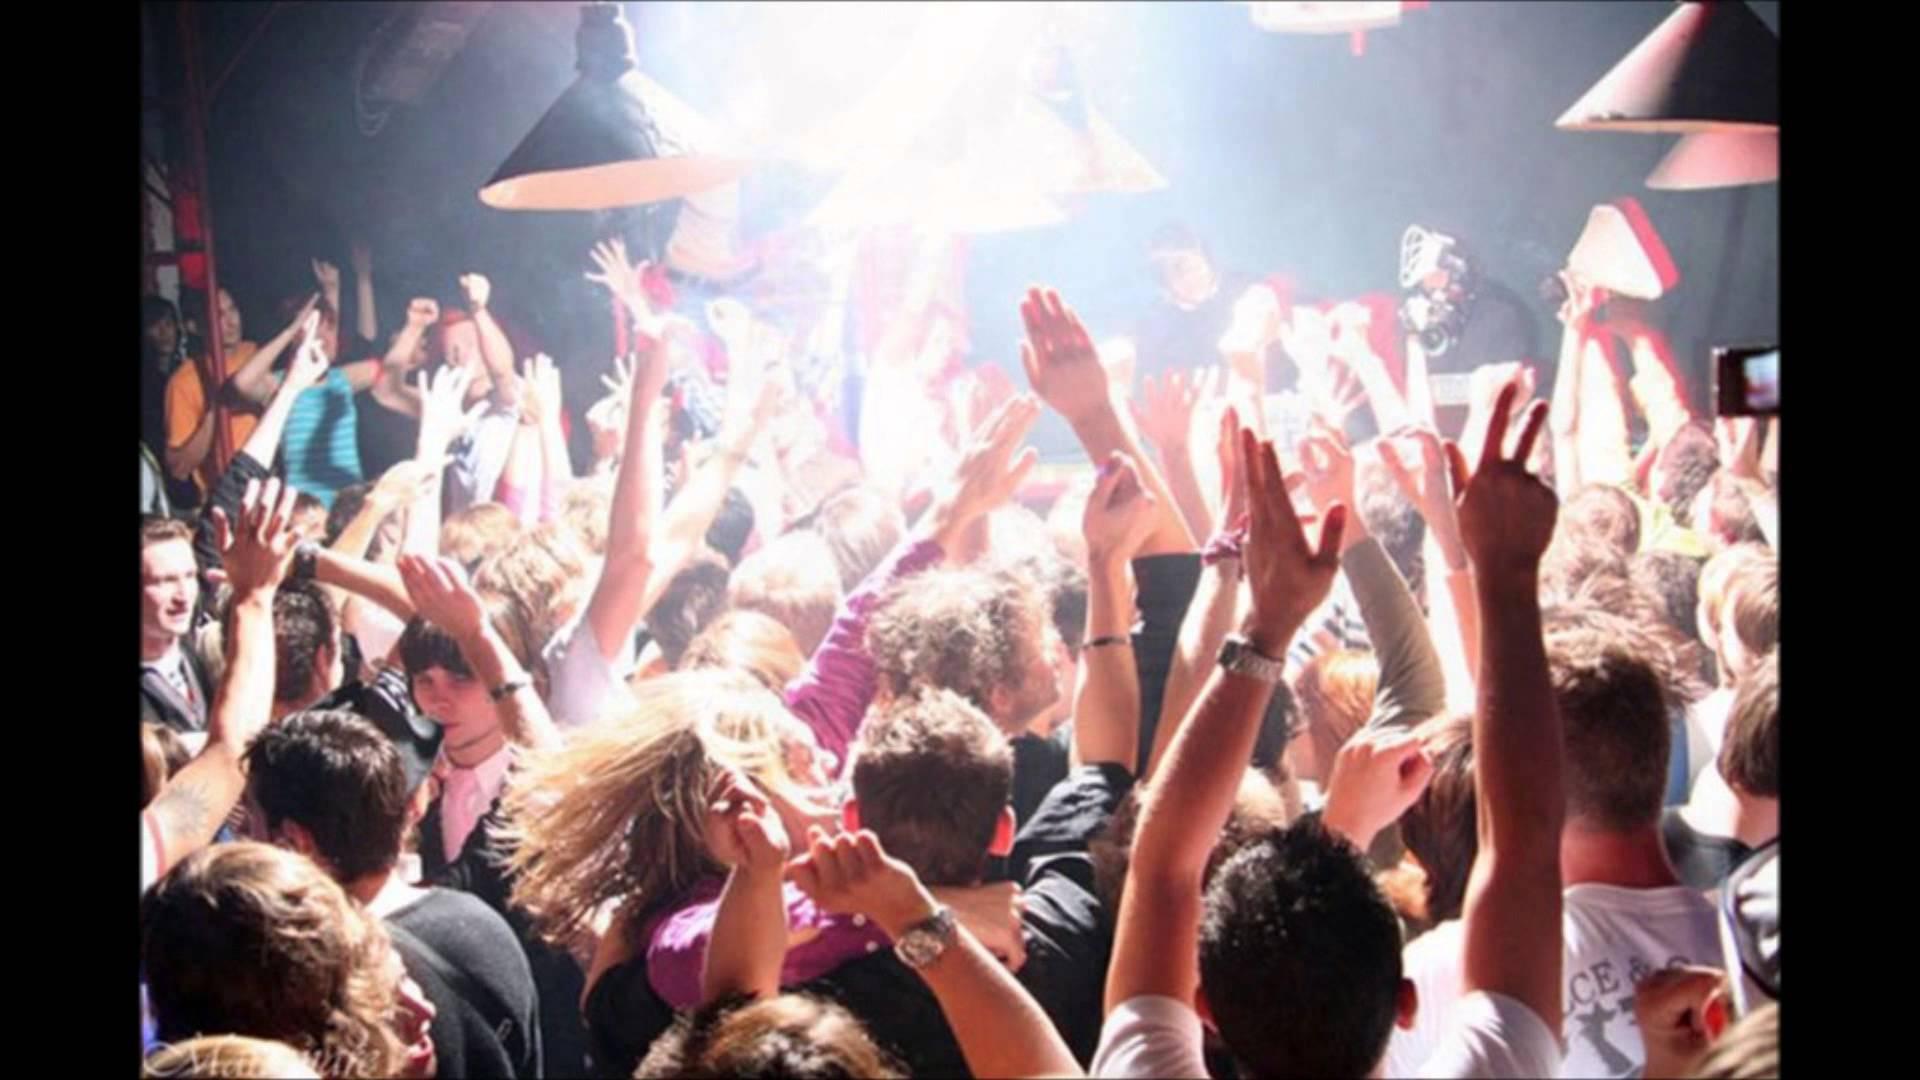 Студенты на вечеринке 2 фотография